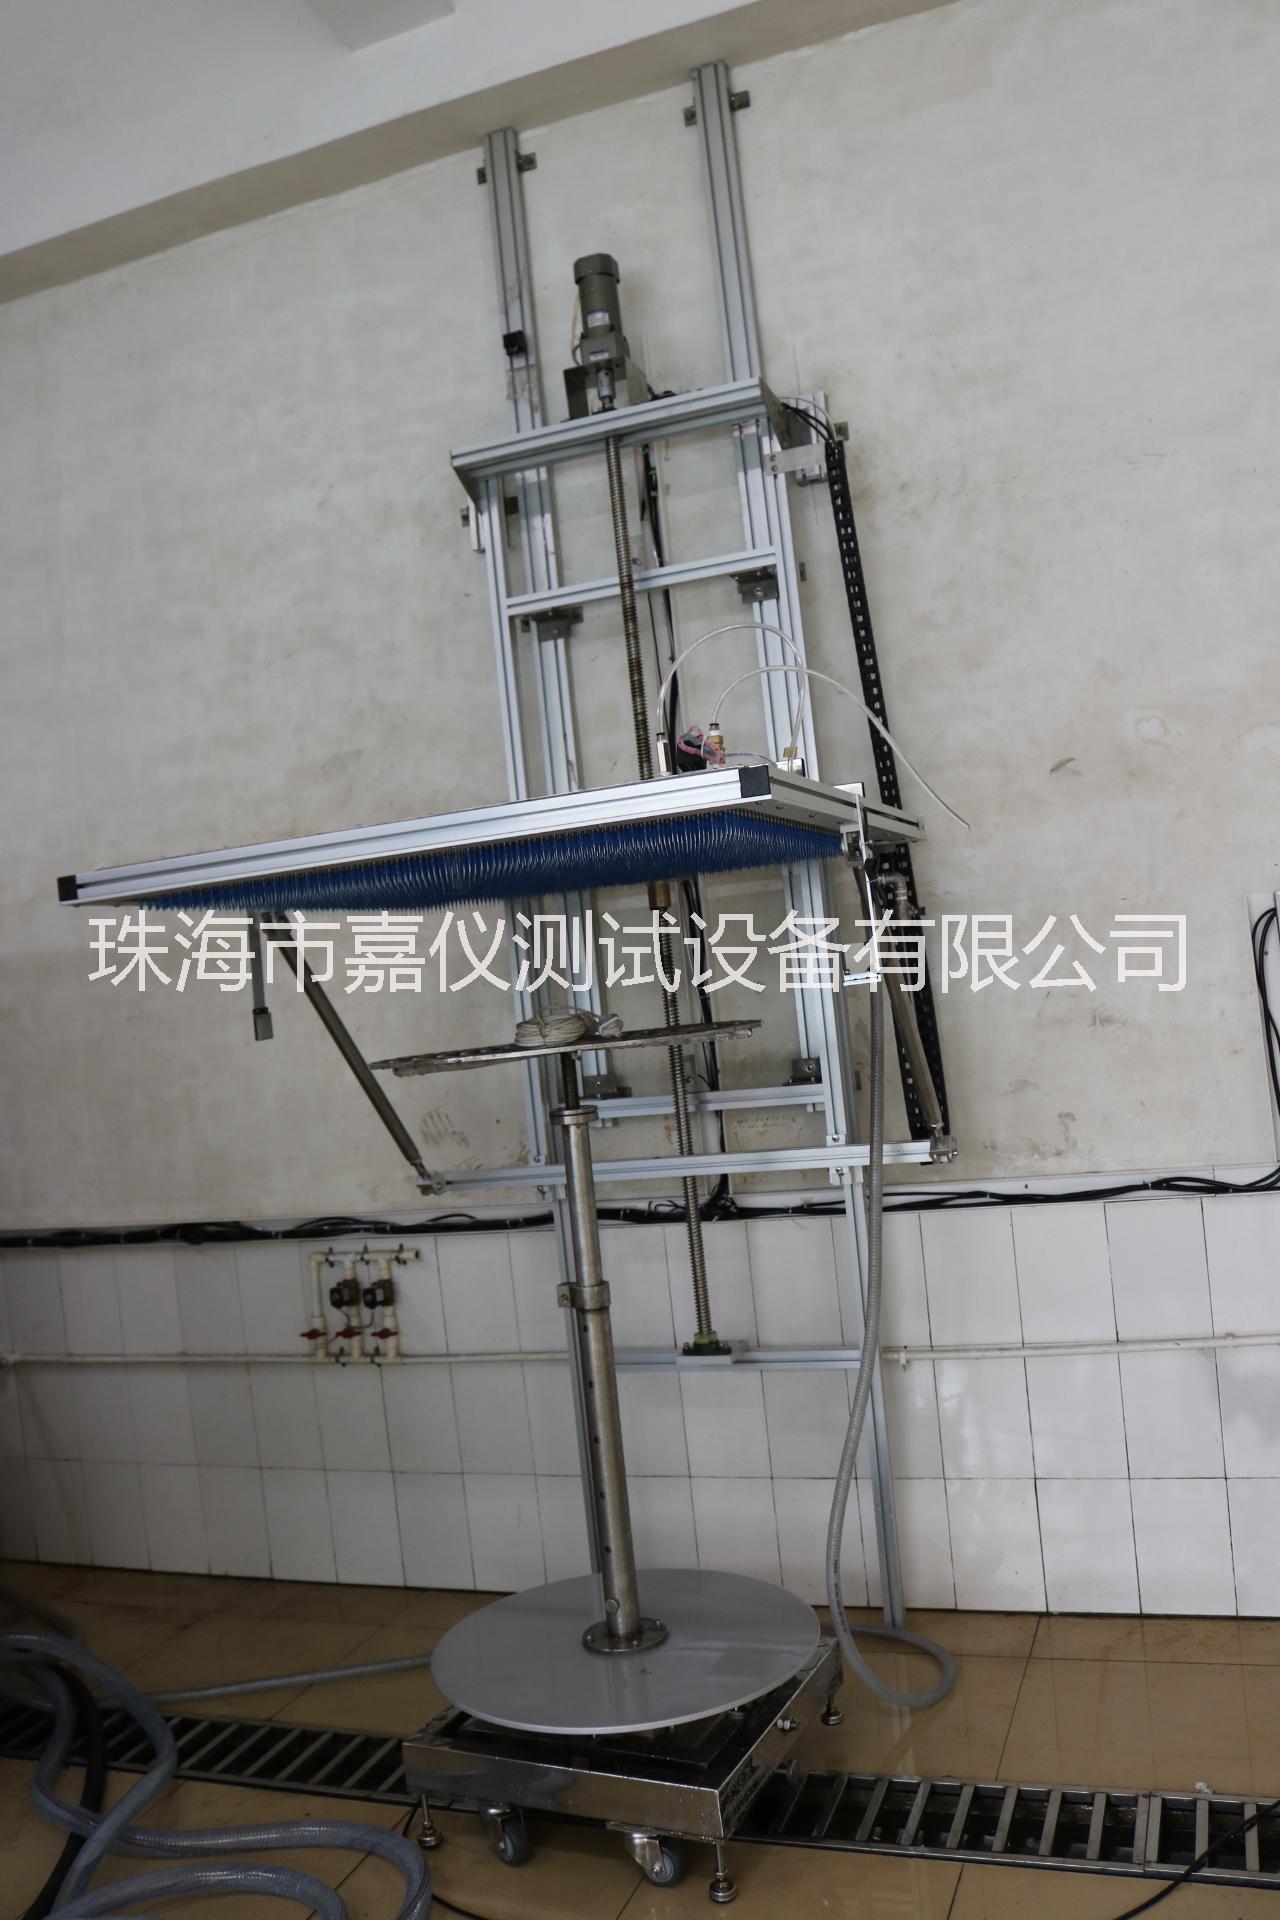 防水等级IP12垂直滴水试验装置 防水12试验 防水12测试